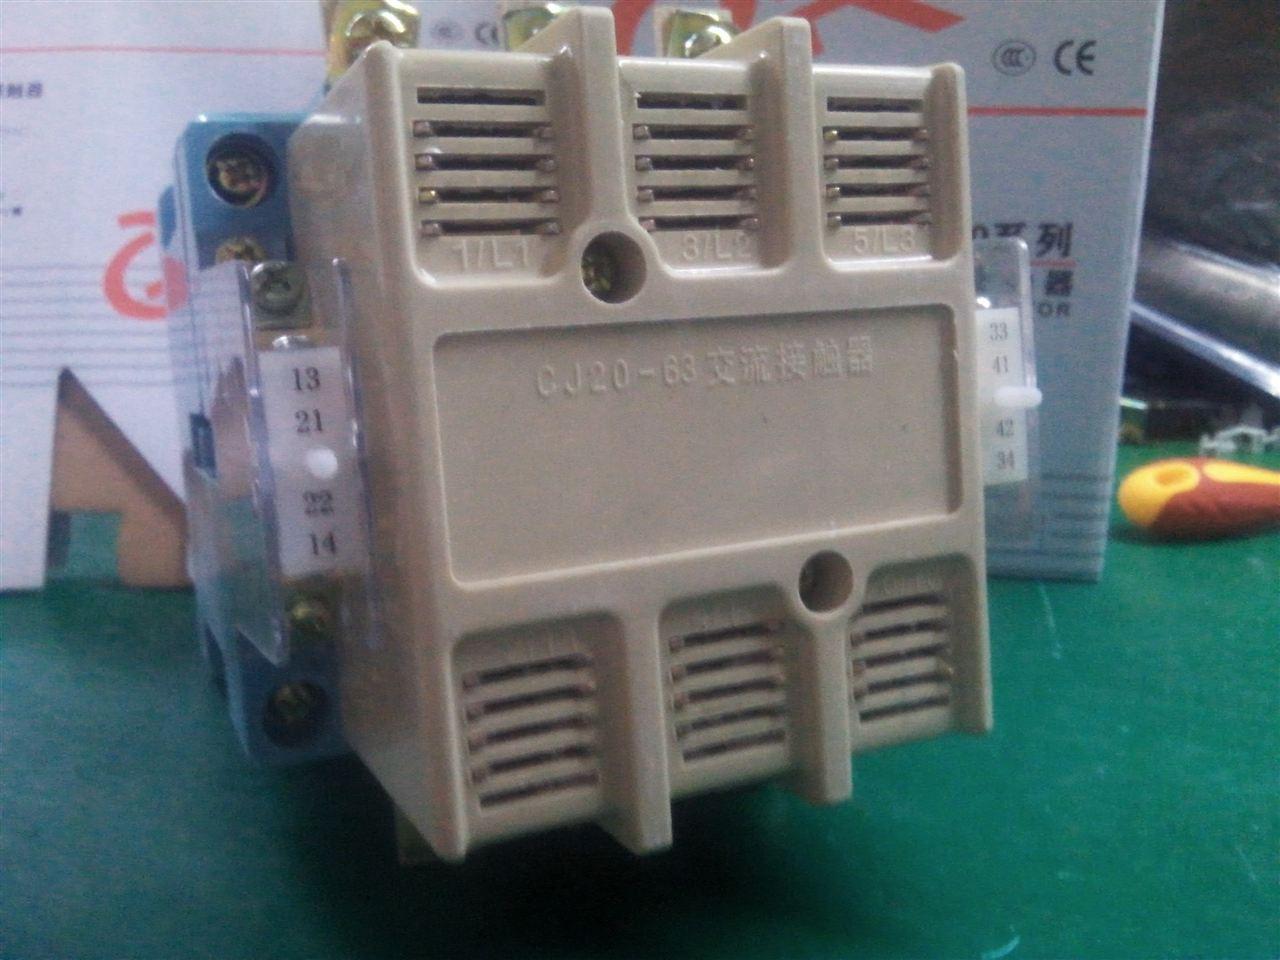 产品概述 CJ20系列交流接触器(以下简称接触器),主要用于交流50Hz(或60Hz),额定工作电压至660V,额定工作电流至630A的电路中,供远距离接通和分断电路之用,并可与适当的热过载继电器组合,以保护可能 发生操作过负荷的电路。 符合标准:GB 14048.4、IEC 60947-4-1。 产品应用范围 主要用于交流50Hz(或60Hz),额定工作电压至660V,额定工作电流至630A的电路中,供远距离接通和分断电路之用,并可与适当的热过载继电器组合,以保护可能发生操作过负荷的电路。 产品主要参